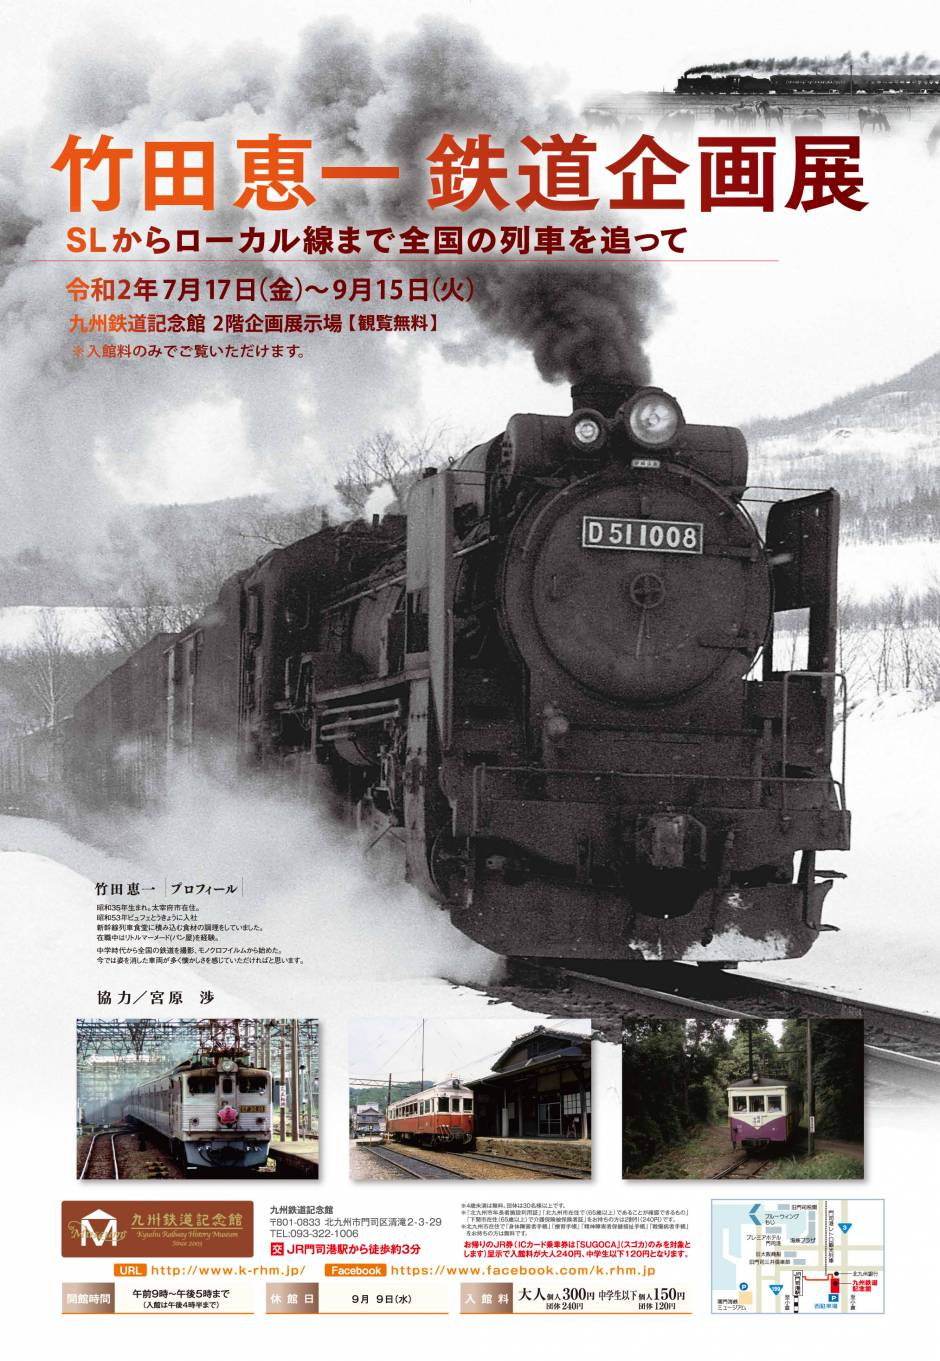 「竹田恵一鉄道企画展」開催について